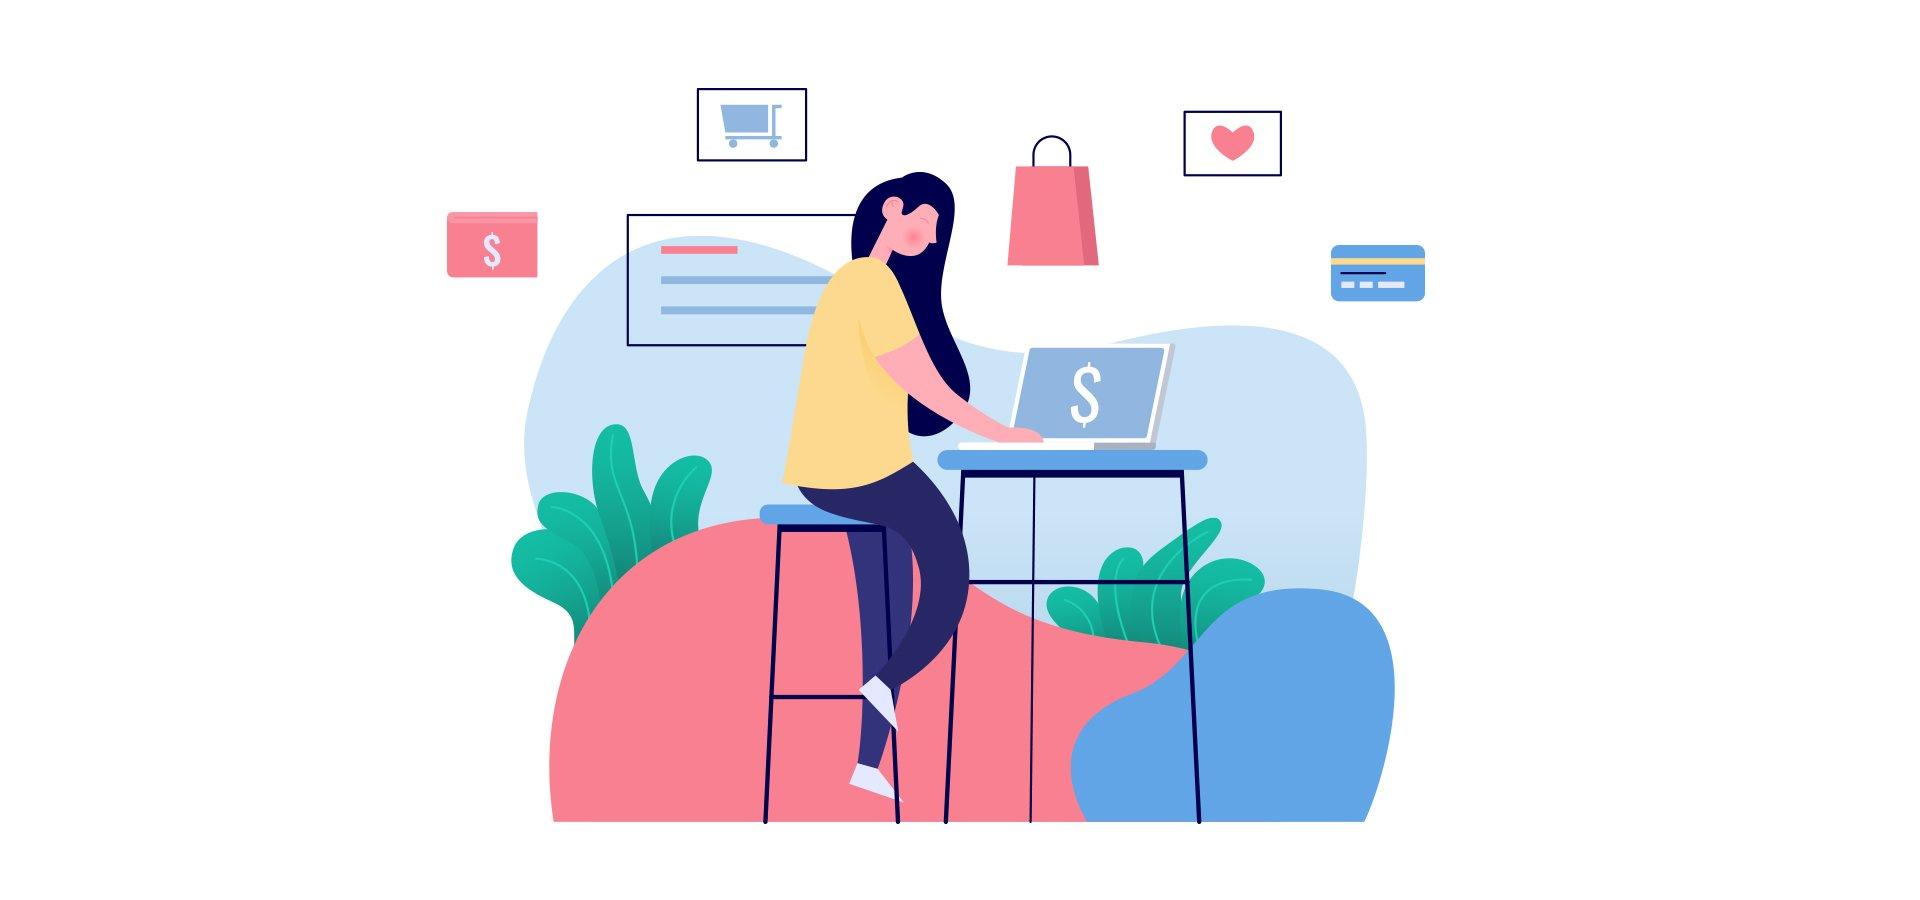 5 xu hướng tiêu dùng nở rộ năm 2019: Chiến dịch giảm nhựa nhận được sự quan tâm lớn - 13